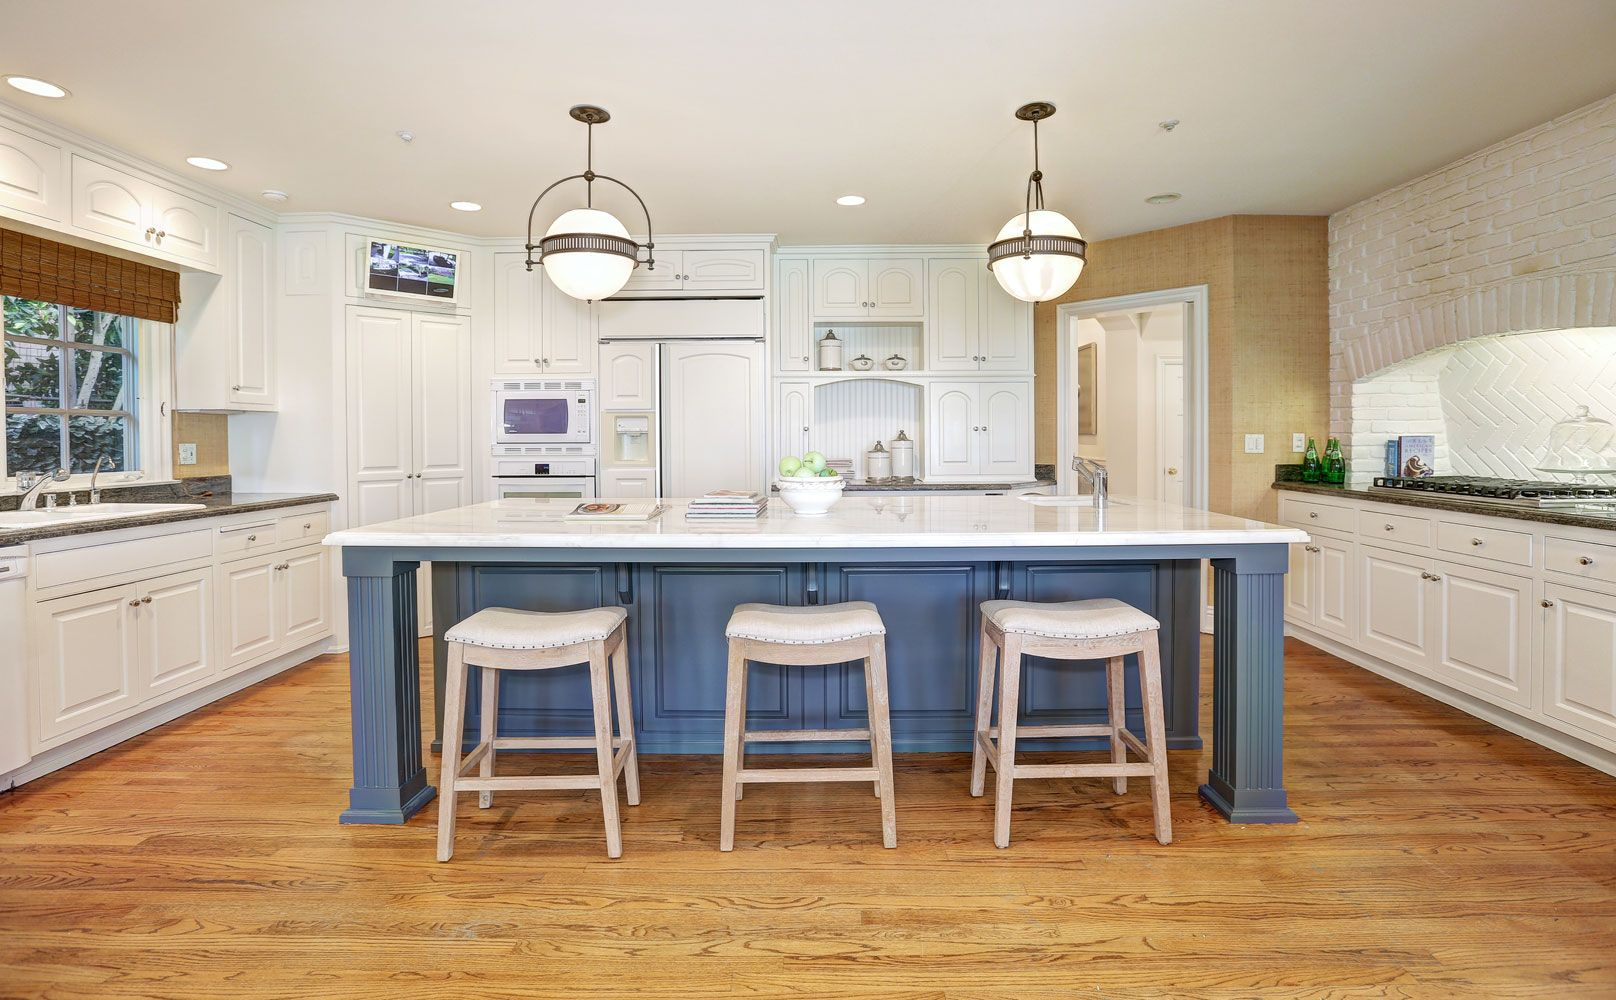 دکوراسیون آشپزخانه رنگ آبی ۲